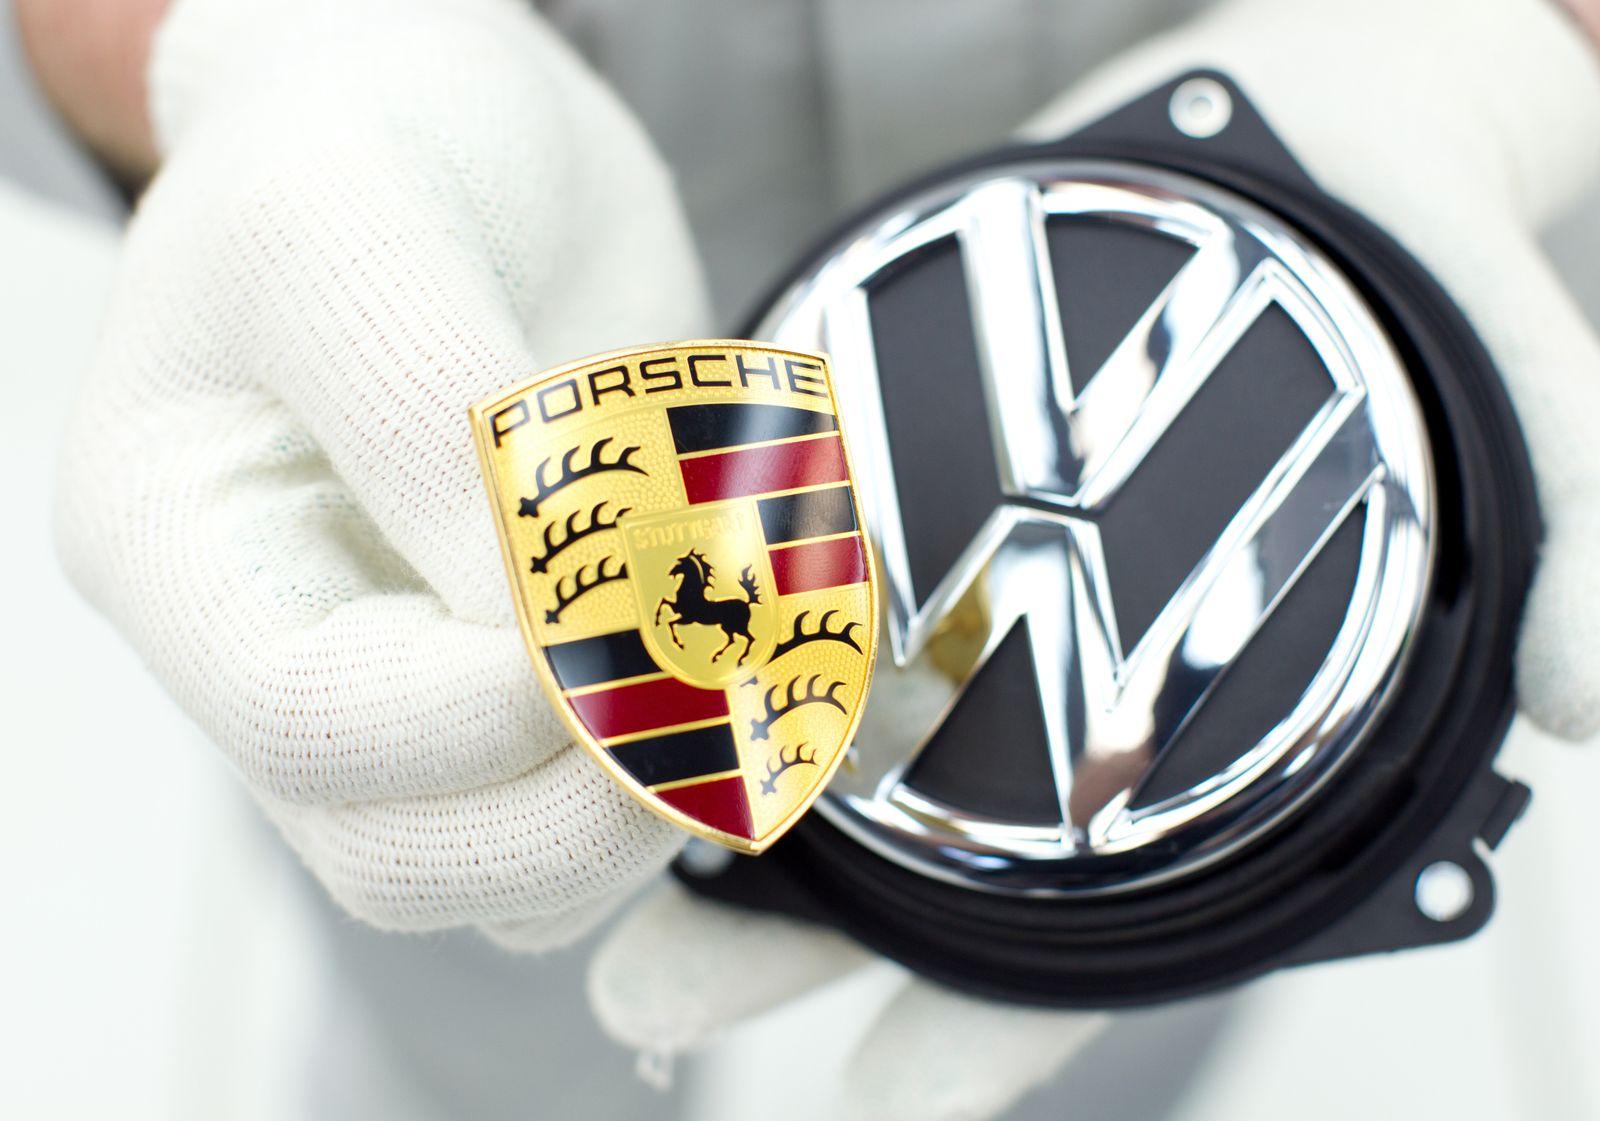 VW - Porsche 2007 / Bild 1